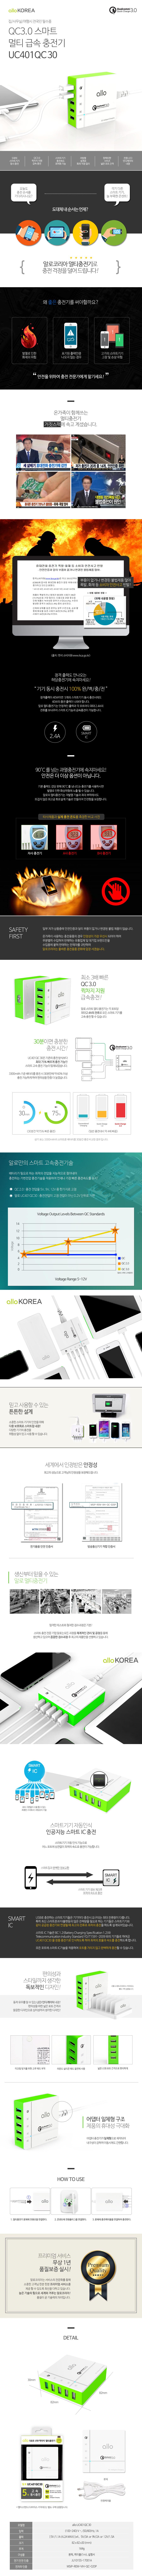 QC3.0스마트 멀티 급속 충전기 UC401QC30 최소 3배 빠른 QC3.0퀵차지 지원 급속충전! 30분이면 충분한 충전 시간! 알로만의 스마트 고속충전기술 배터리가 필요로 하는 최적의 전압을 지능적으로 찾아내어 충전하는 가변전압 충전기술을 적용하여 언제나 빠른 충전속도를 유지! 믿고 사용할 수 있는 튼튼한 설계 생산부터 믿을 수 있는 알로 멀티충전기 스마트기기 자동인식 인공지능 스마트 IC충전 편의성과 스타일까지 생각한 독보적인 디자인! 어댑터 일체형 구조 제품의 휴대성 극대화